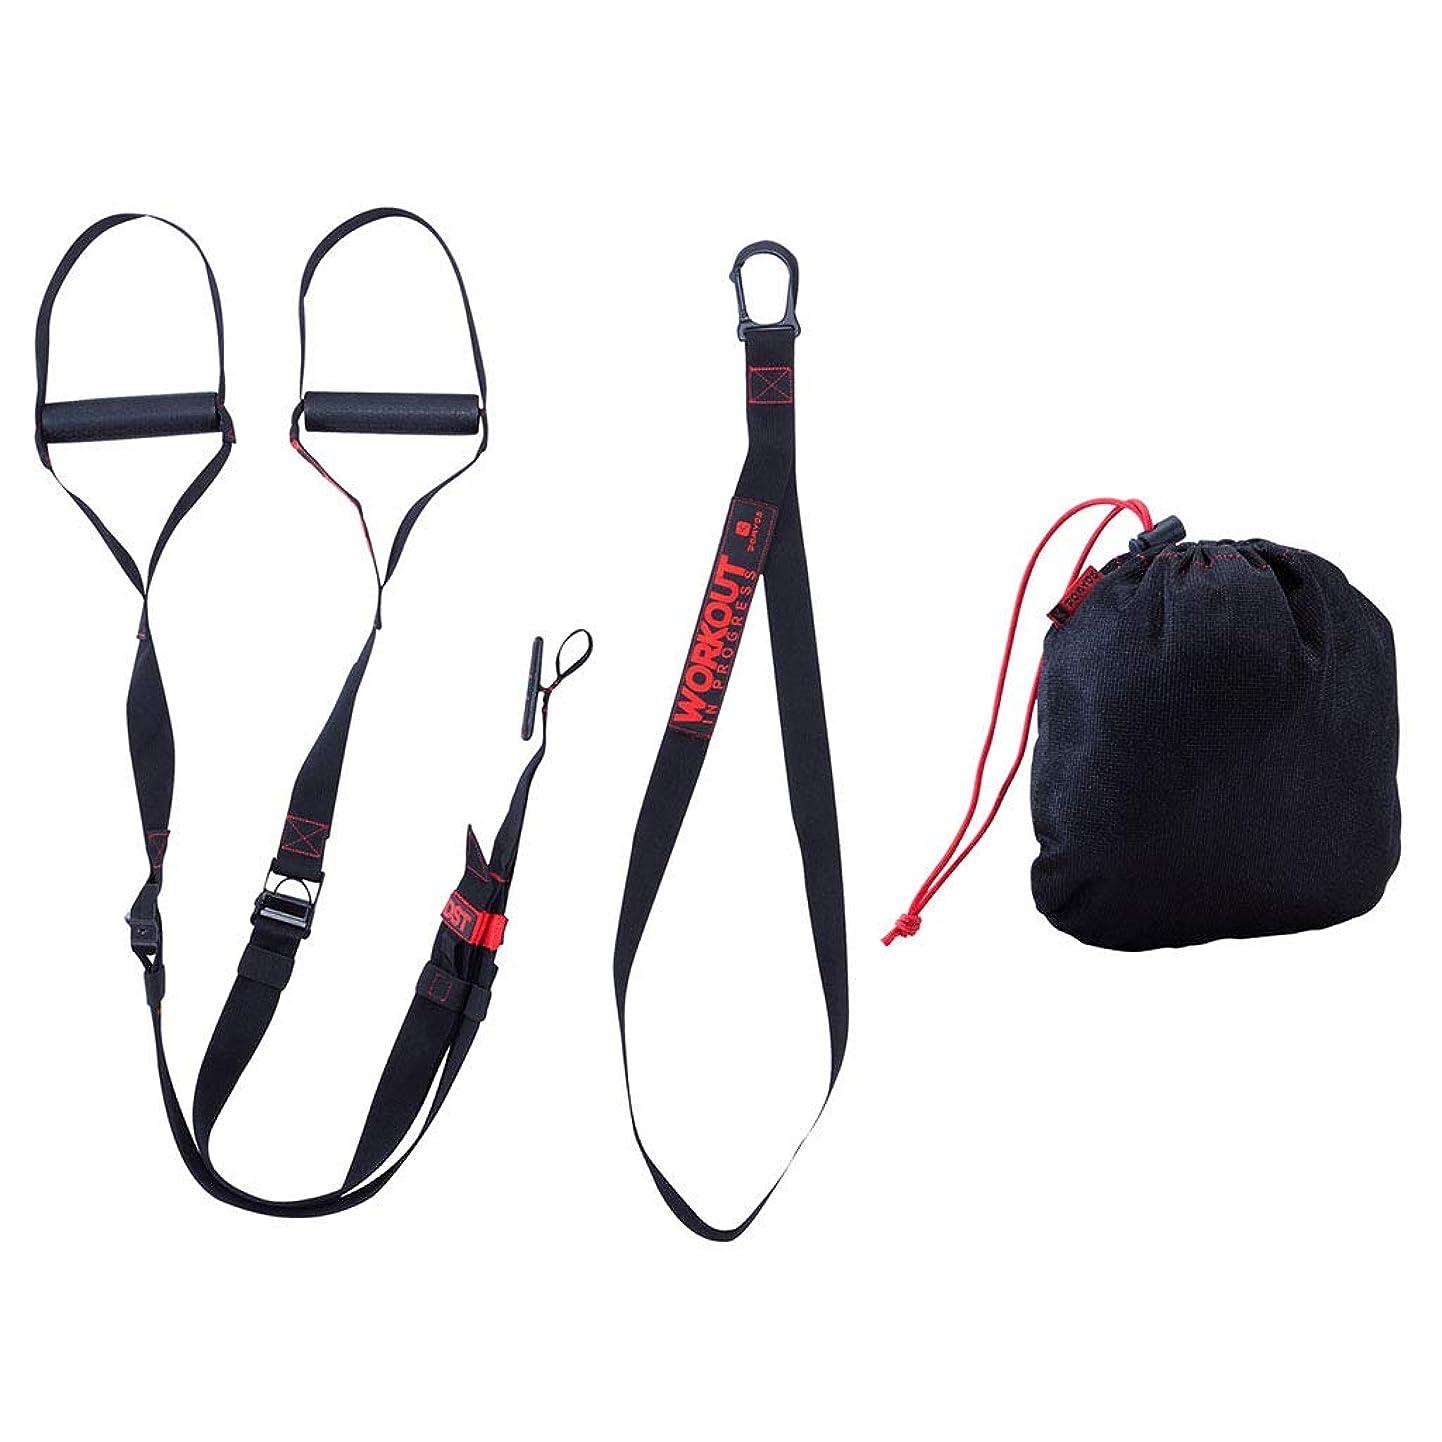 ウガンダ依存する性格吊り訓練ベルトプルロープホームフィットネス弾力ベルト抵抗ベルト強度トレーニング (色 : 黒)